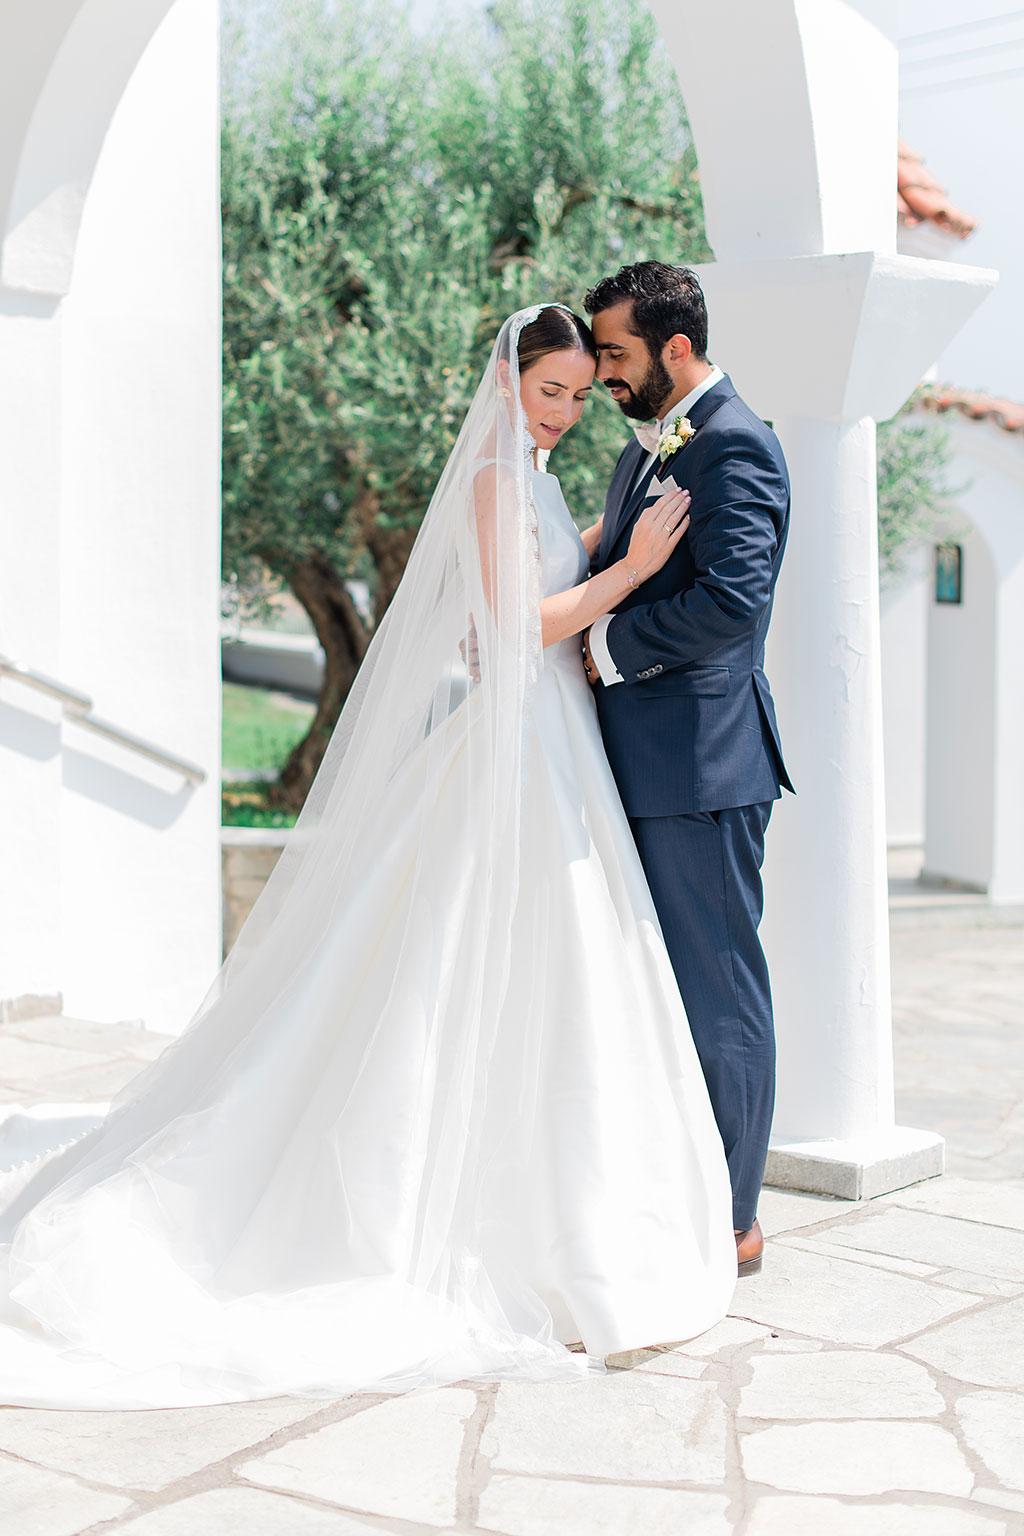 Φωτογράφος γάμου Χαλκιδική, next day φωτογράφιση ζευγαριού